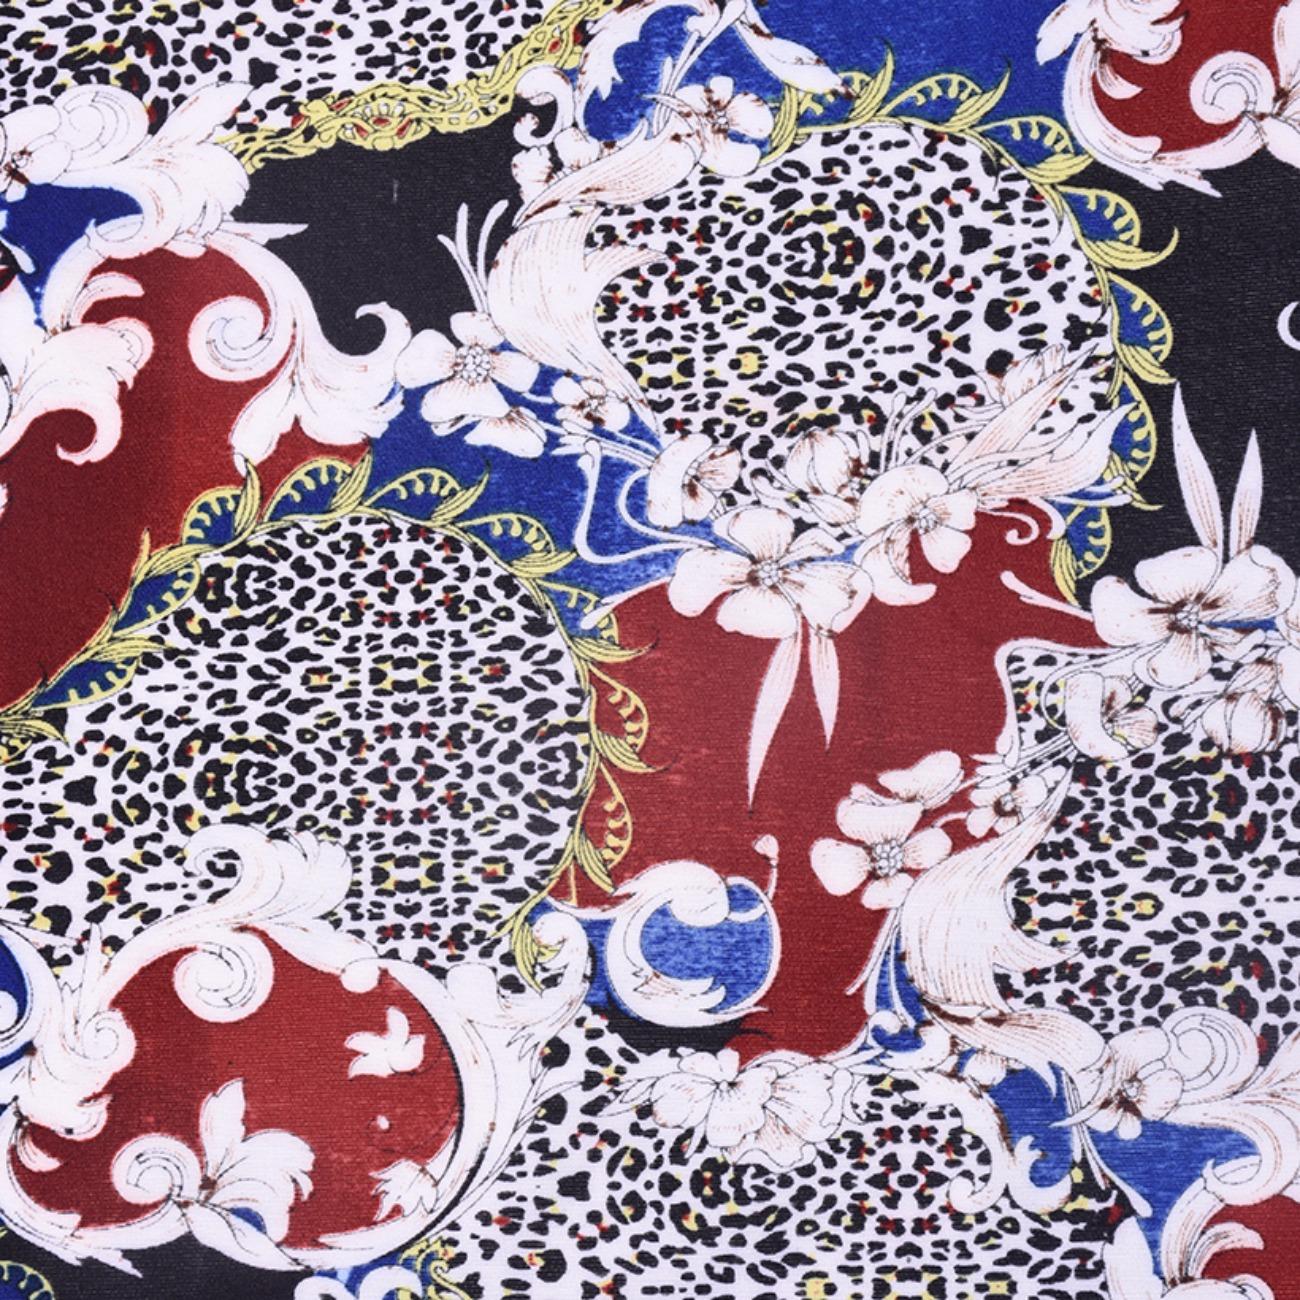 现货豹点抽象印花针织 T恤 针织衫 连衣裙  妈妈装 四面弹柔软圆机纬编单面 60314-16